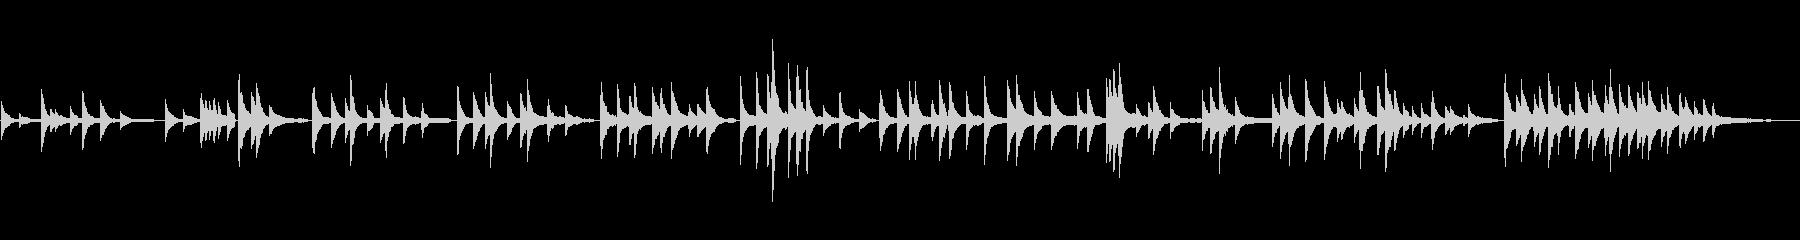 生ピアノソロ・祈りの未再生の波形